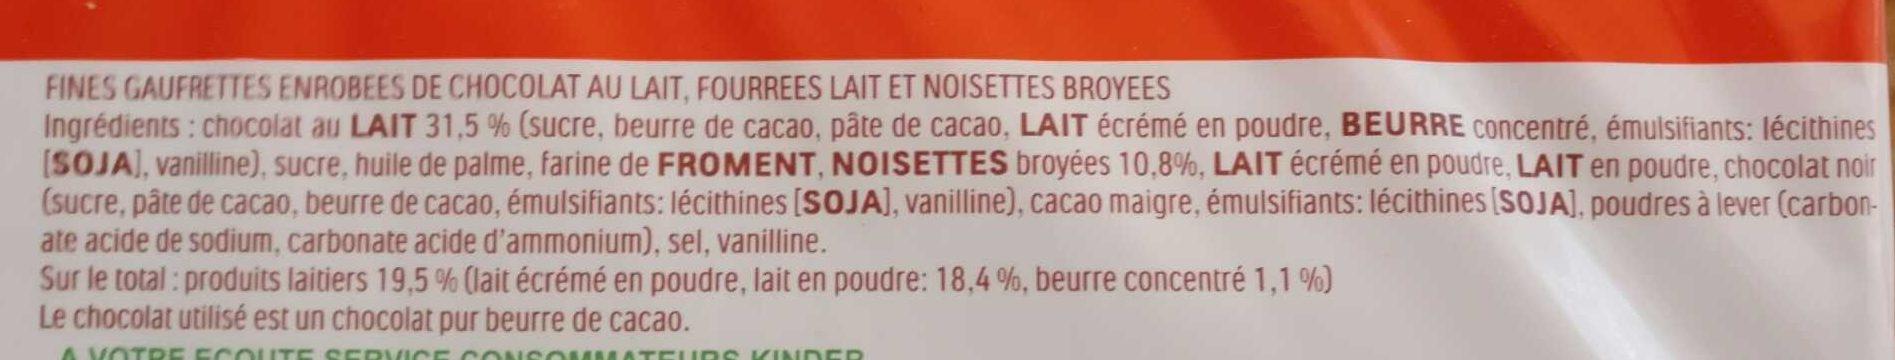 Kinder Bueno - Ingrediënten